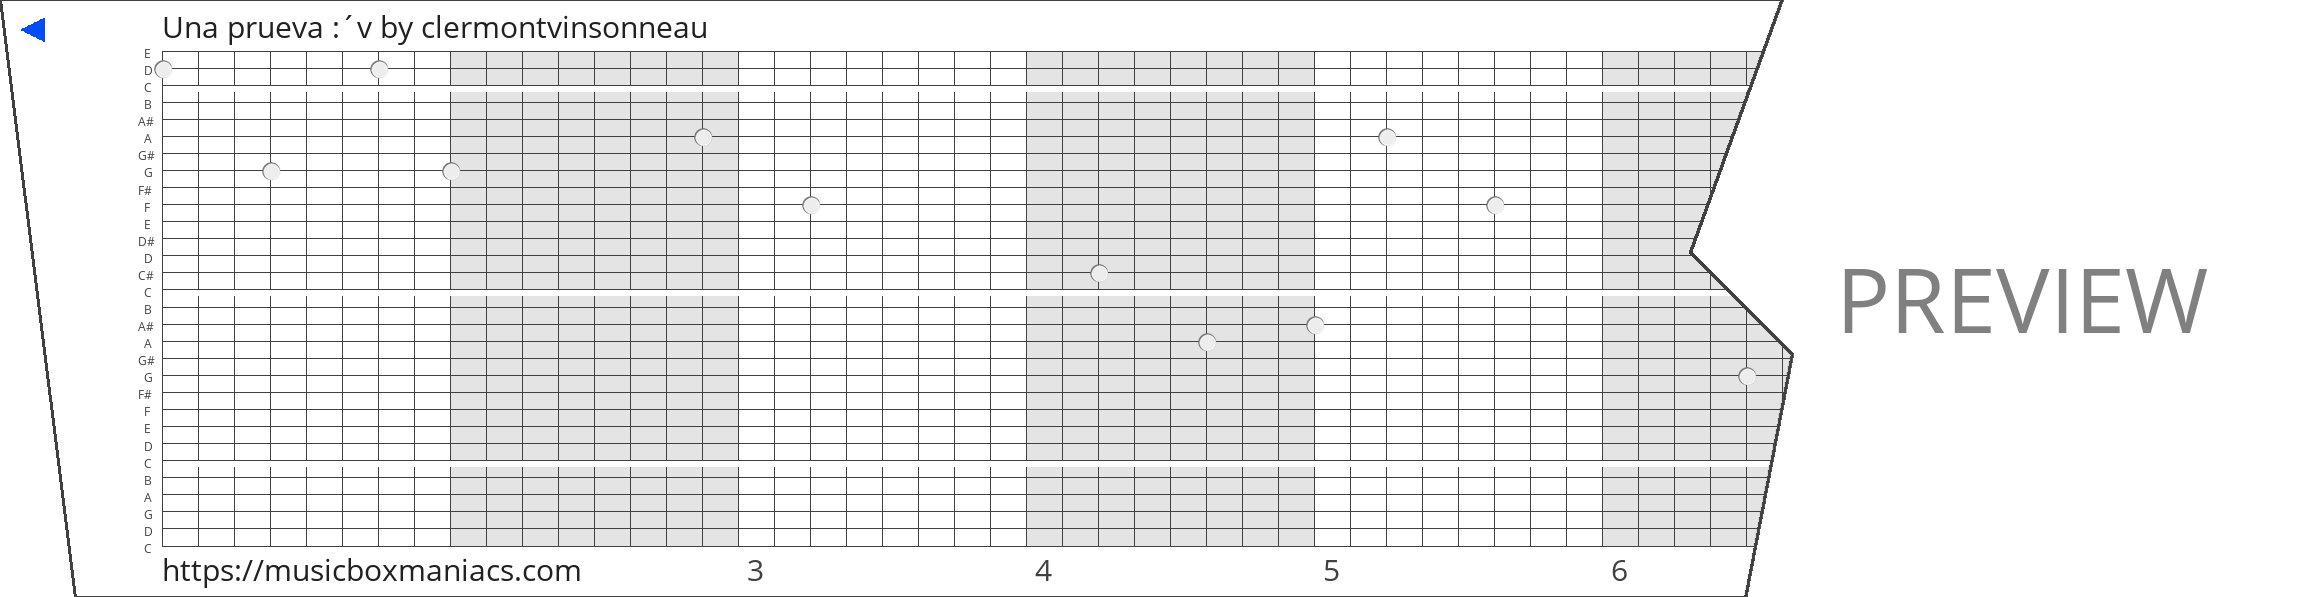 Una prueva :´v 30 note music box paper strip